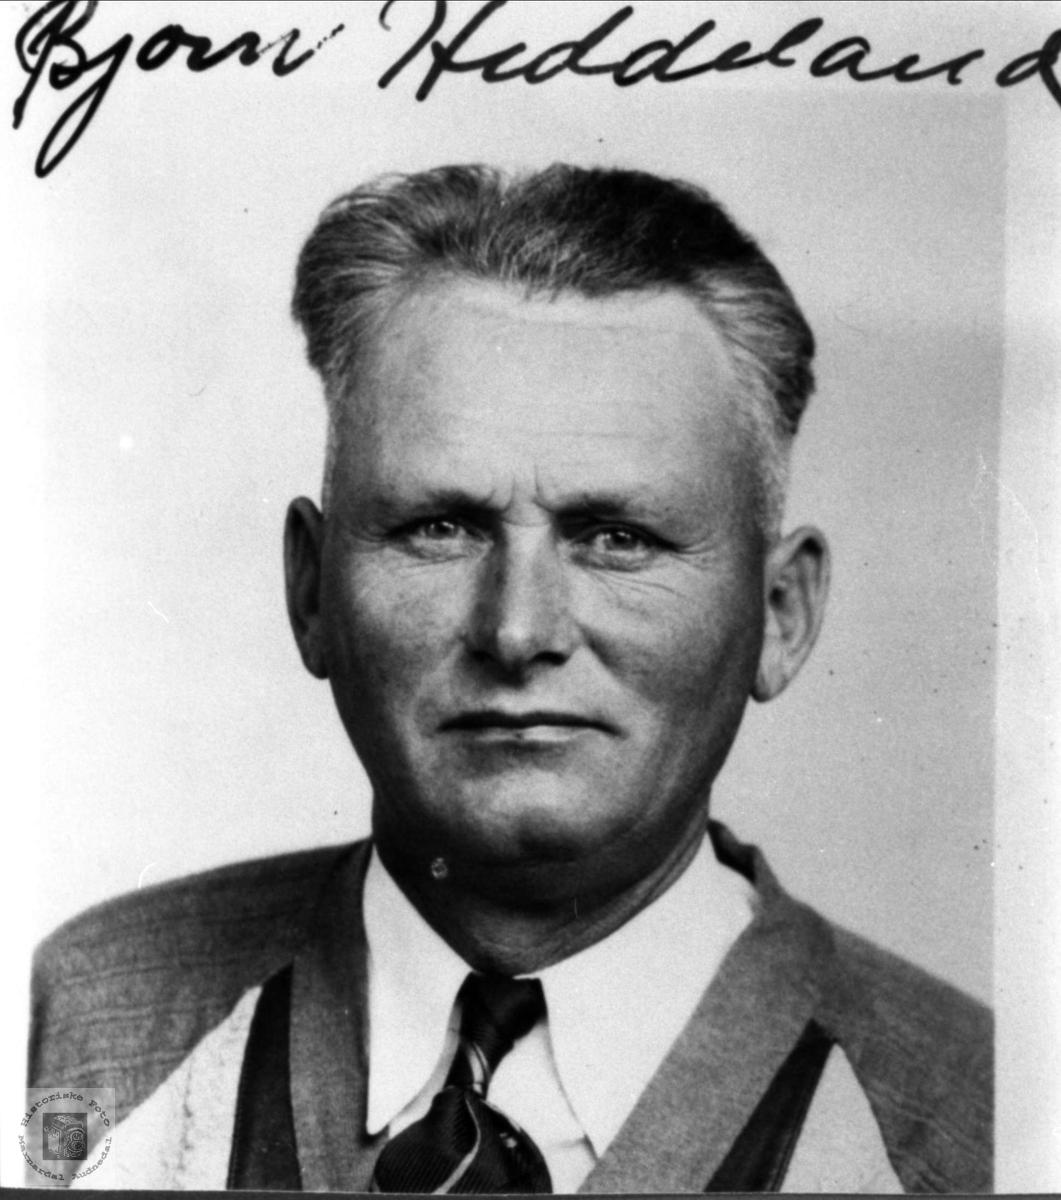 Portrett av Bjørn Heddeland, Øyslebø.